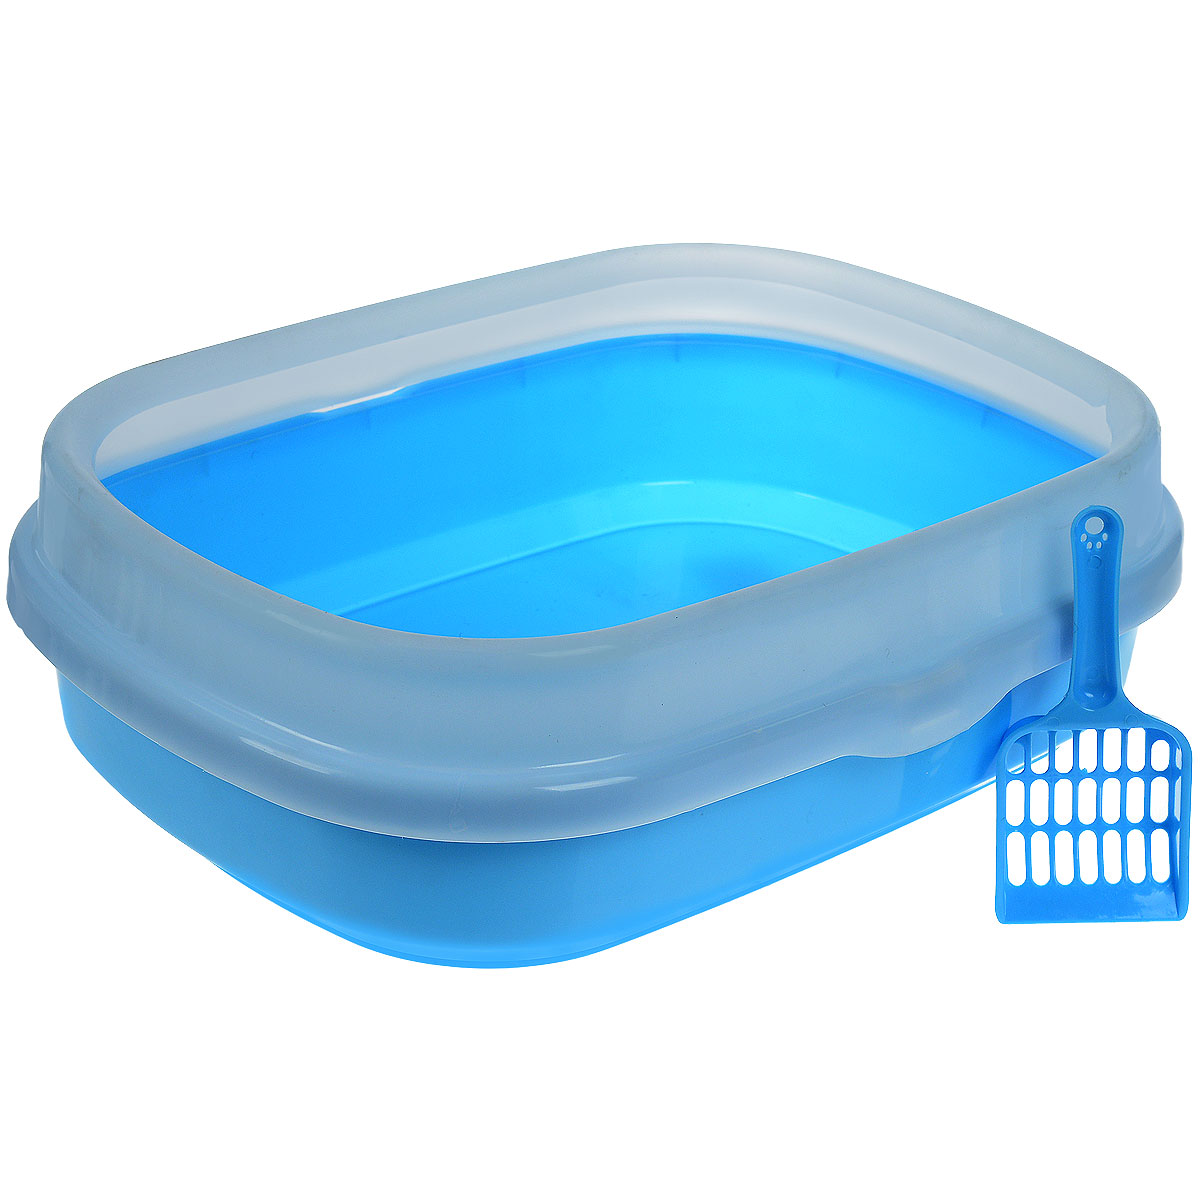 Туалет для кошек Галакси, с бортом, совком, цвет: голубой, белый, 54 см х 42 17